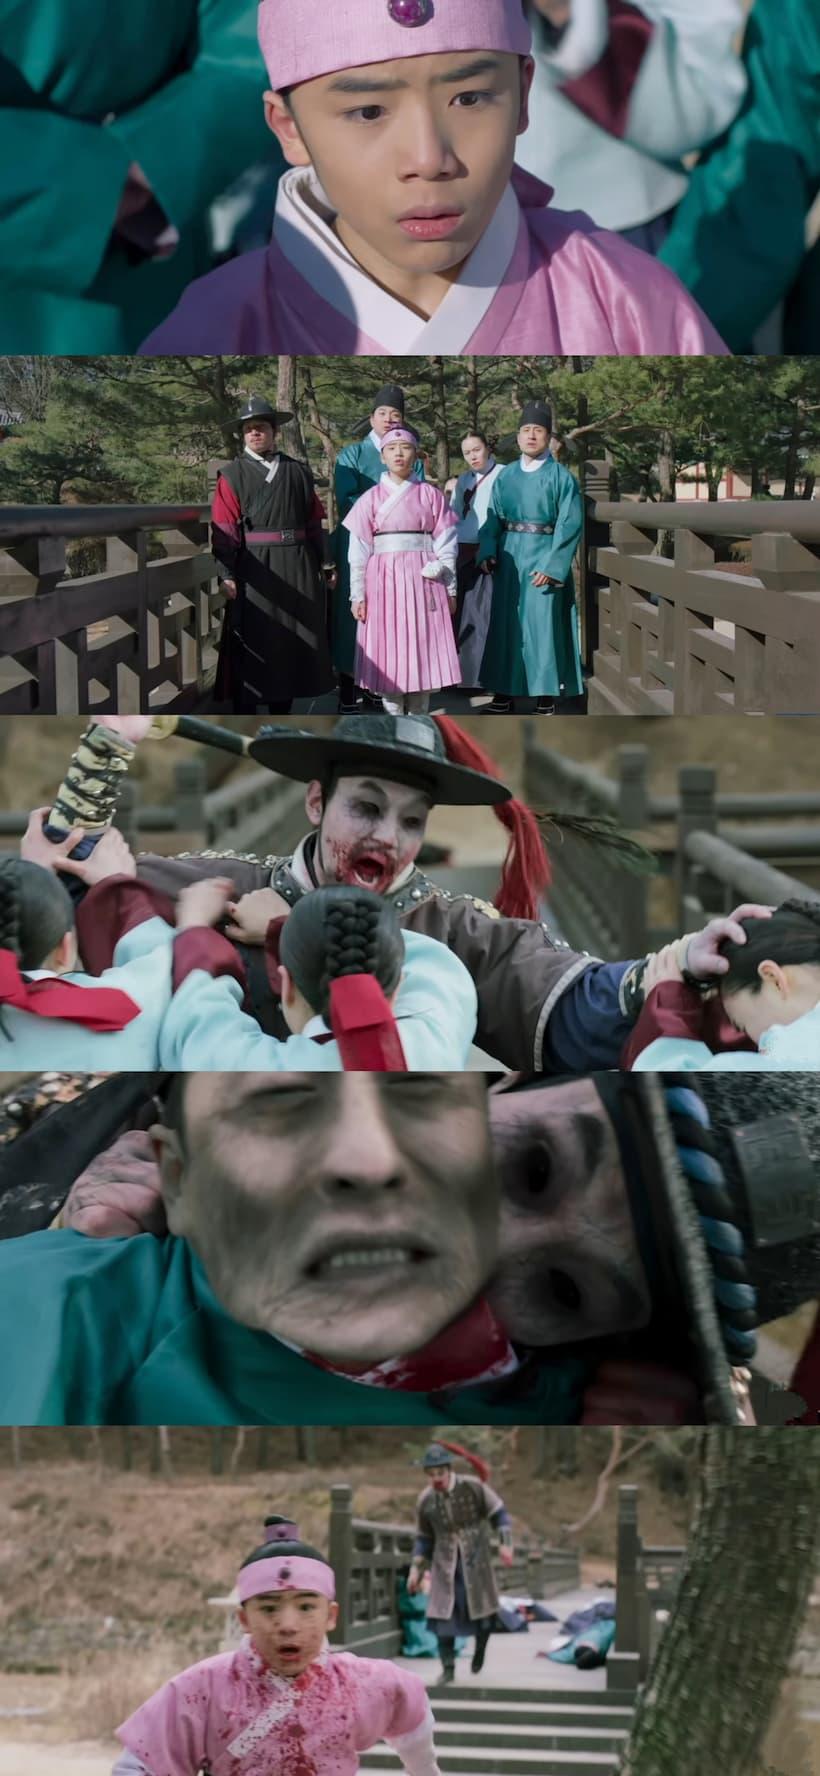 อธิบายทีเซอร์ซีรีส์ Joseon Exorcist สองตอนแรกเรต 19+ ความยาว 6 นาที